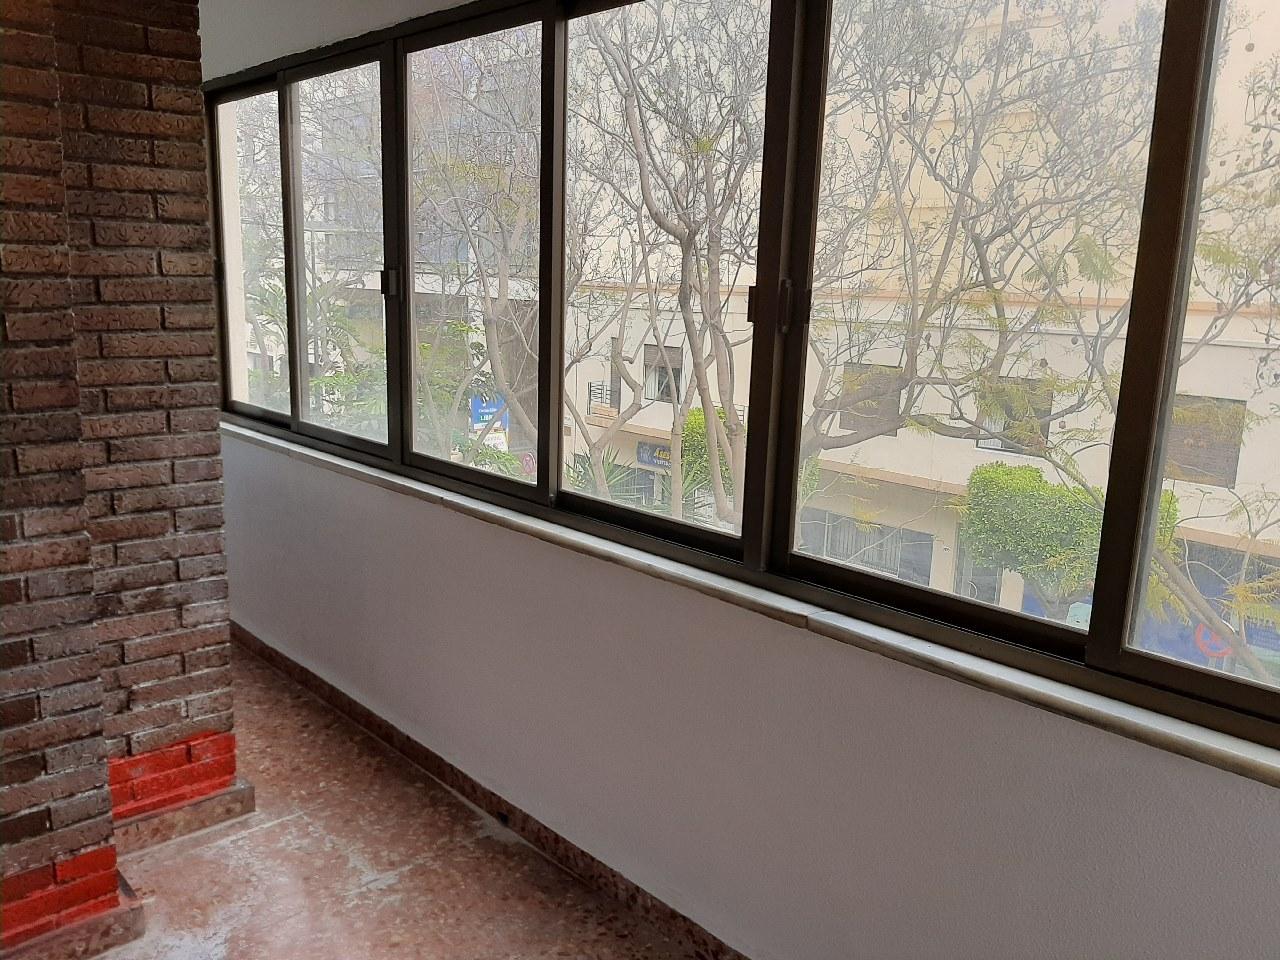 Piso en venta en Pampanico, El Ejido, Almería, Calle S/n, 96.000 €, 4 habitaciones, 2 baños, 122 m2